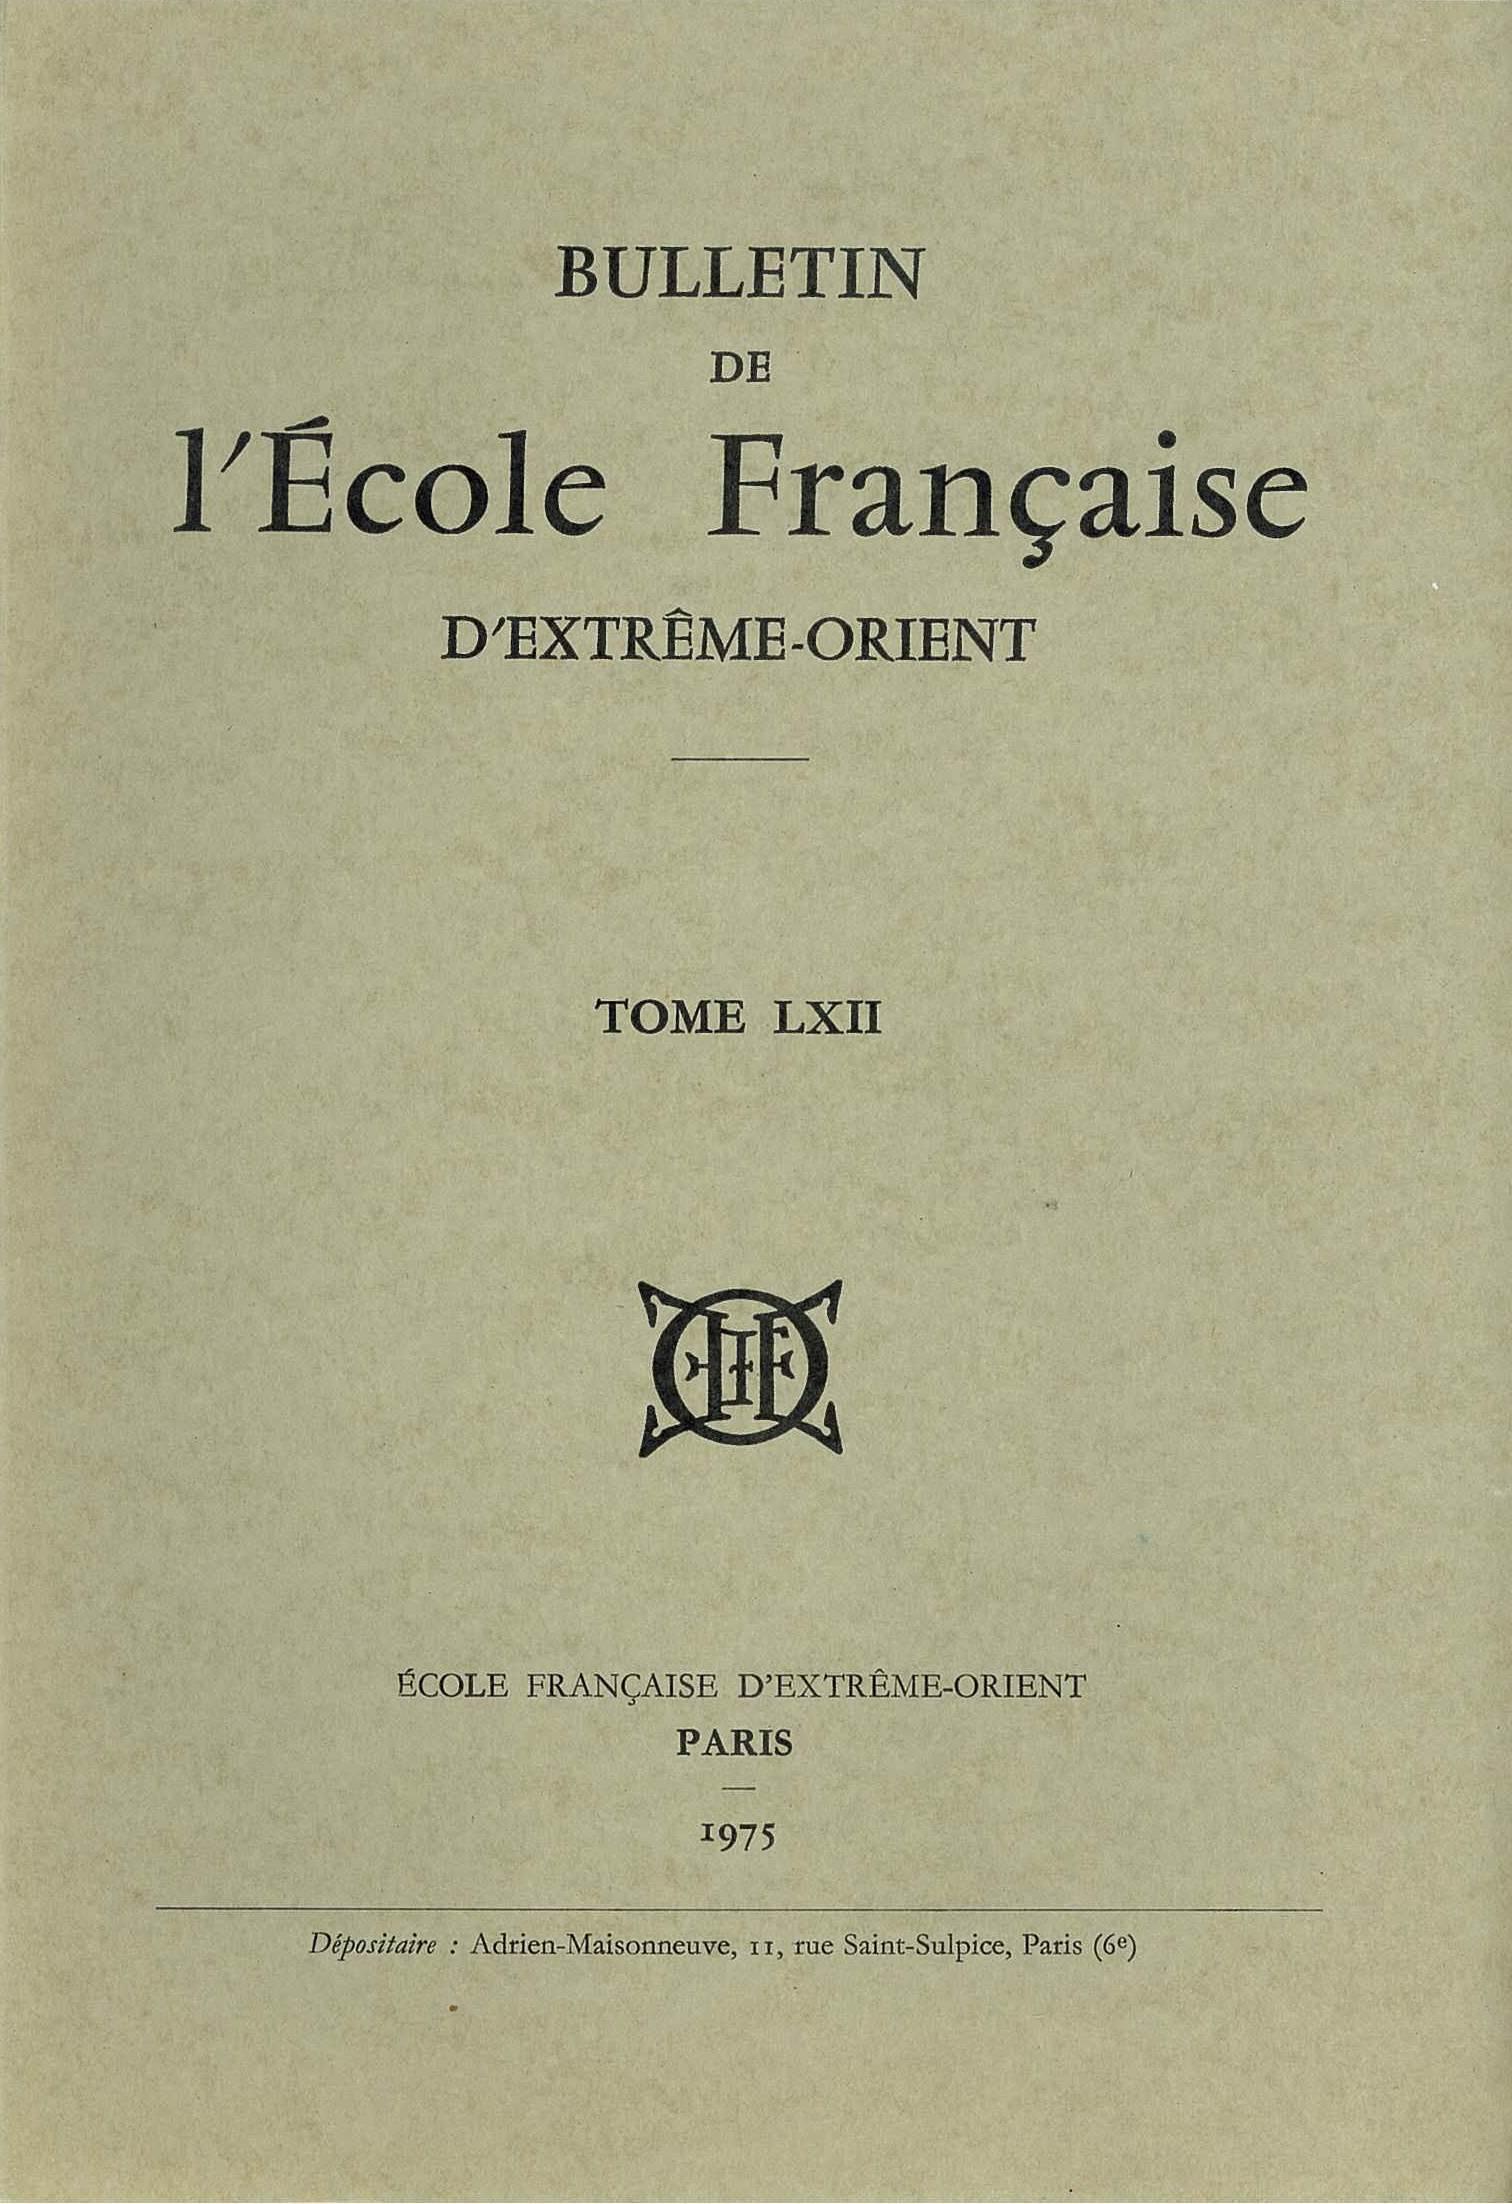 Bulletin de l'Ecole française d'Extrême-Orient 62 (1975)